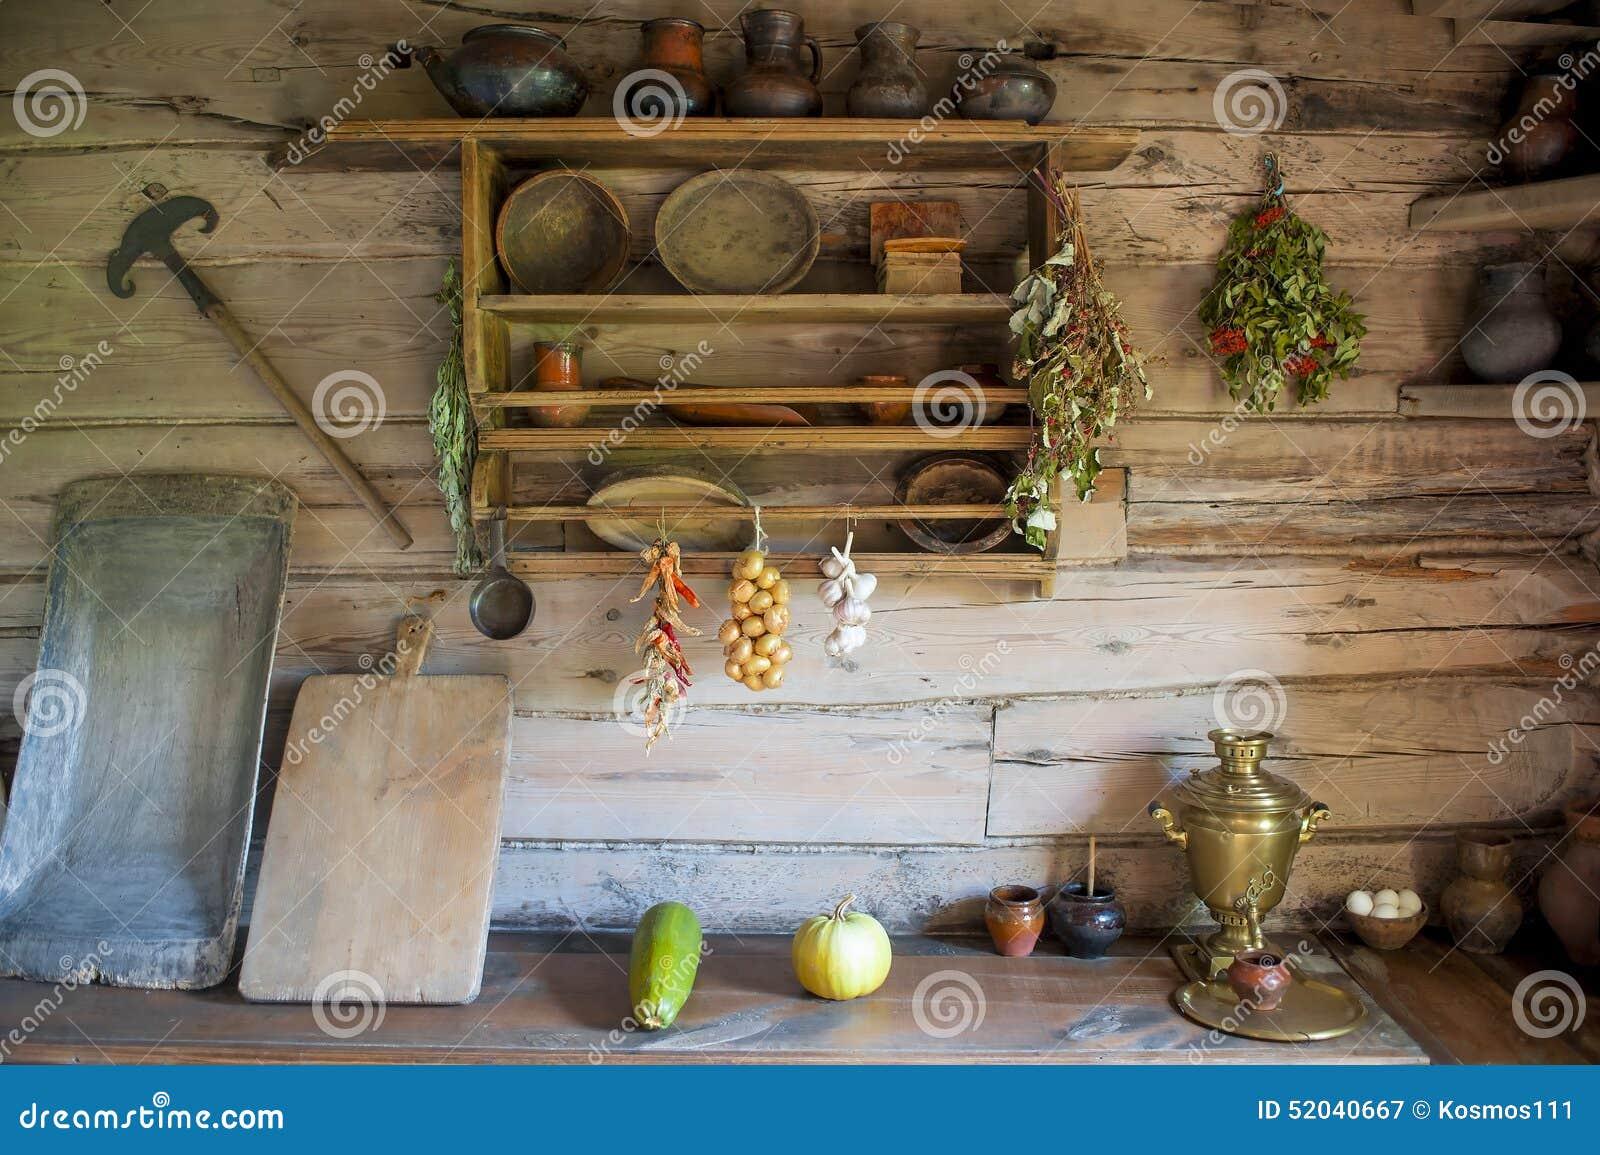 Cocina en la casa de un campesino pobre foto de archivo - La cocina en casa ...